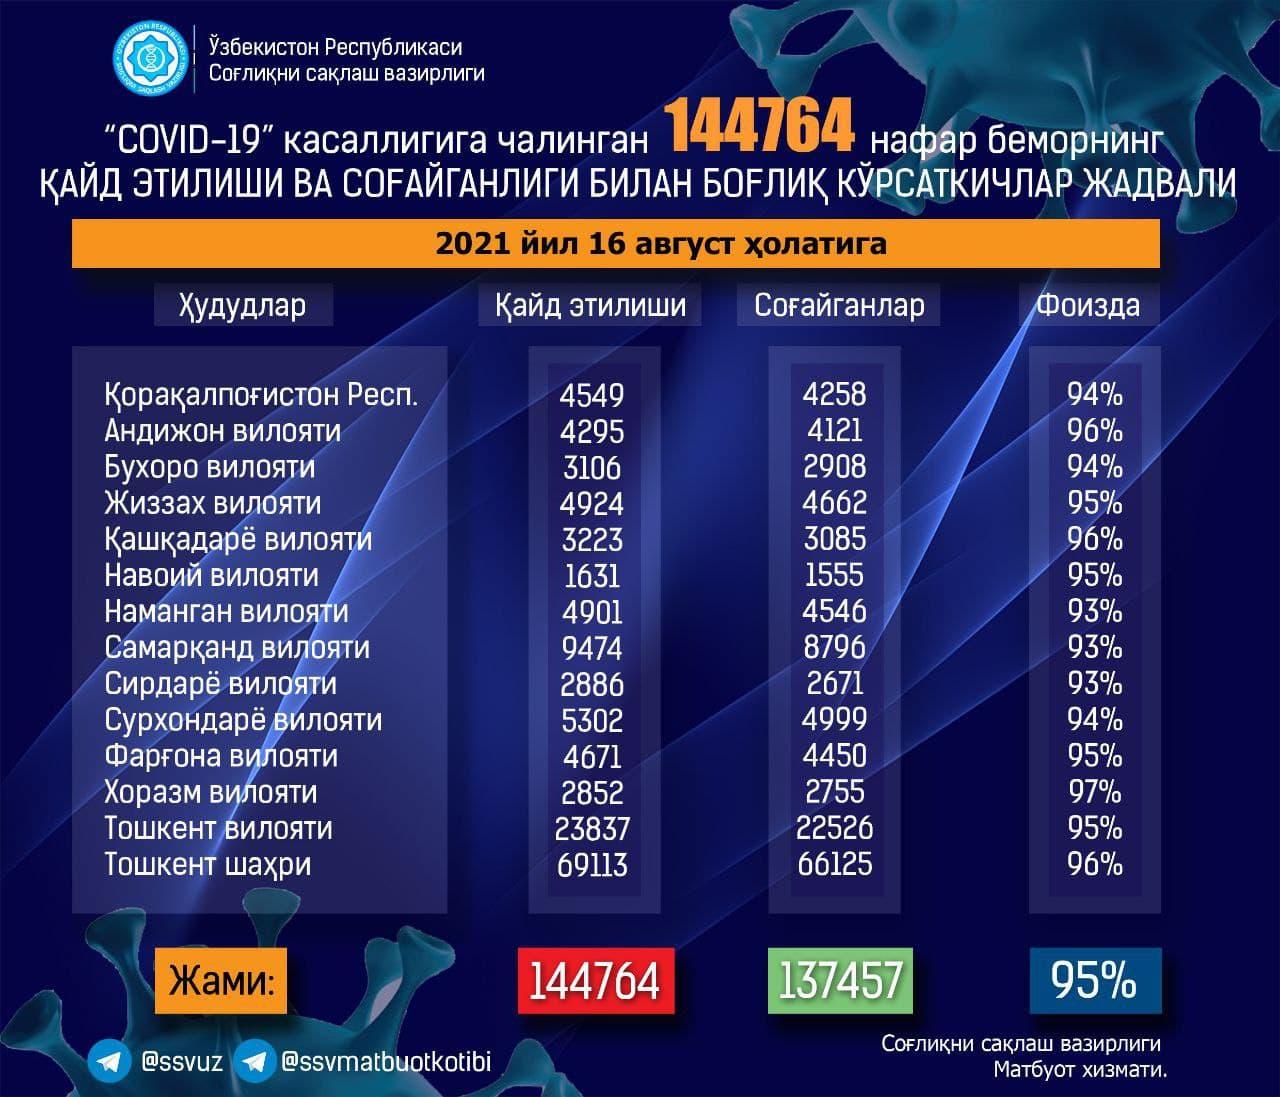 Узбекистанцы сотнями заражаются коронавирусом — обновленная статистика